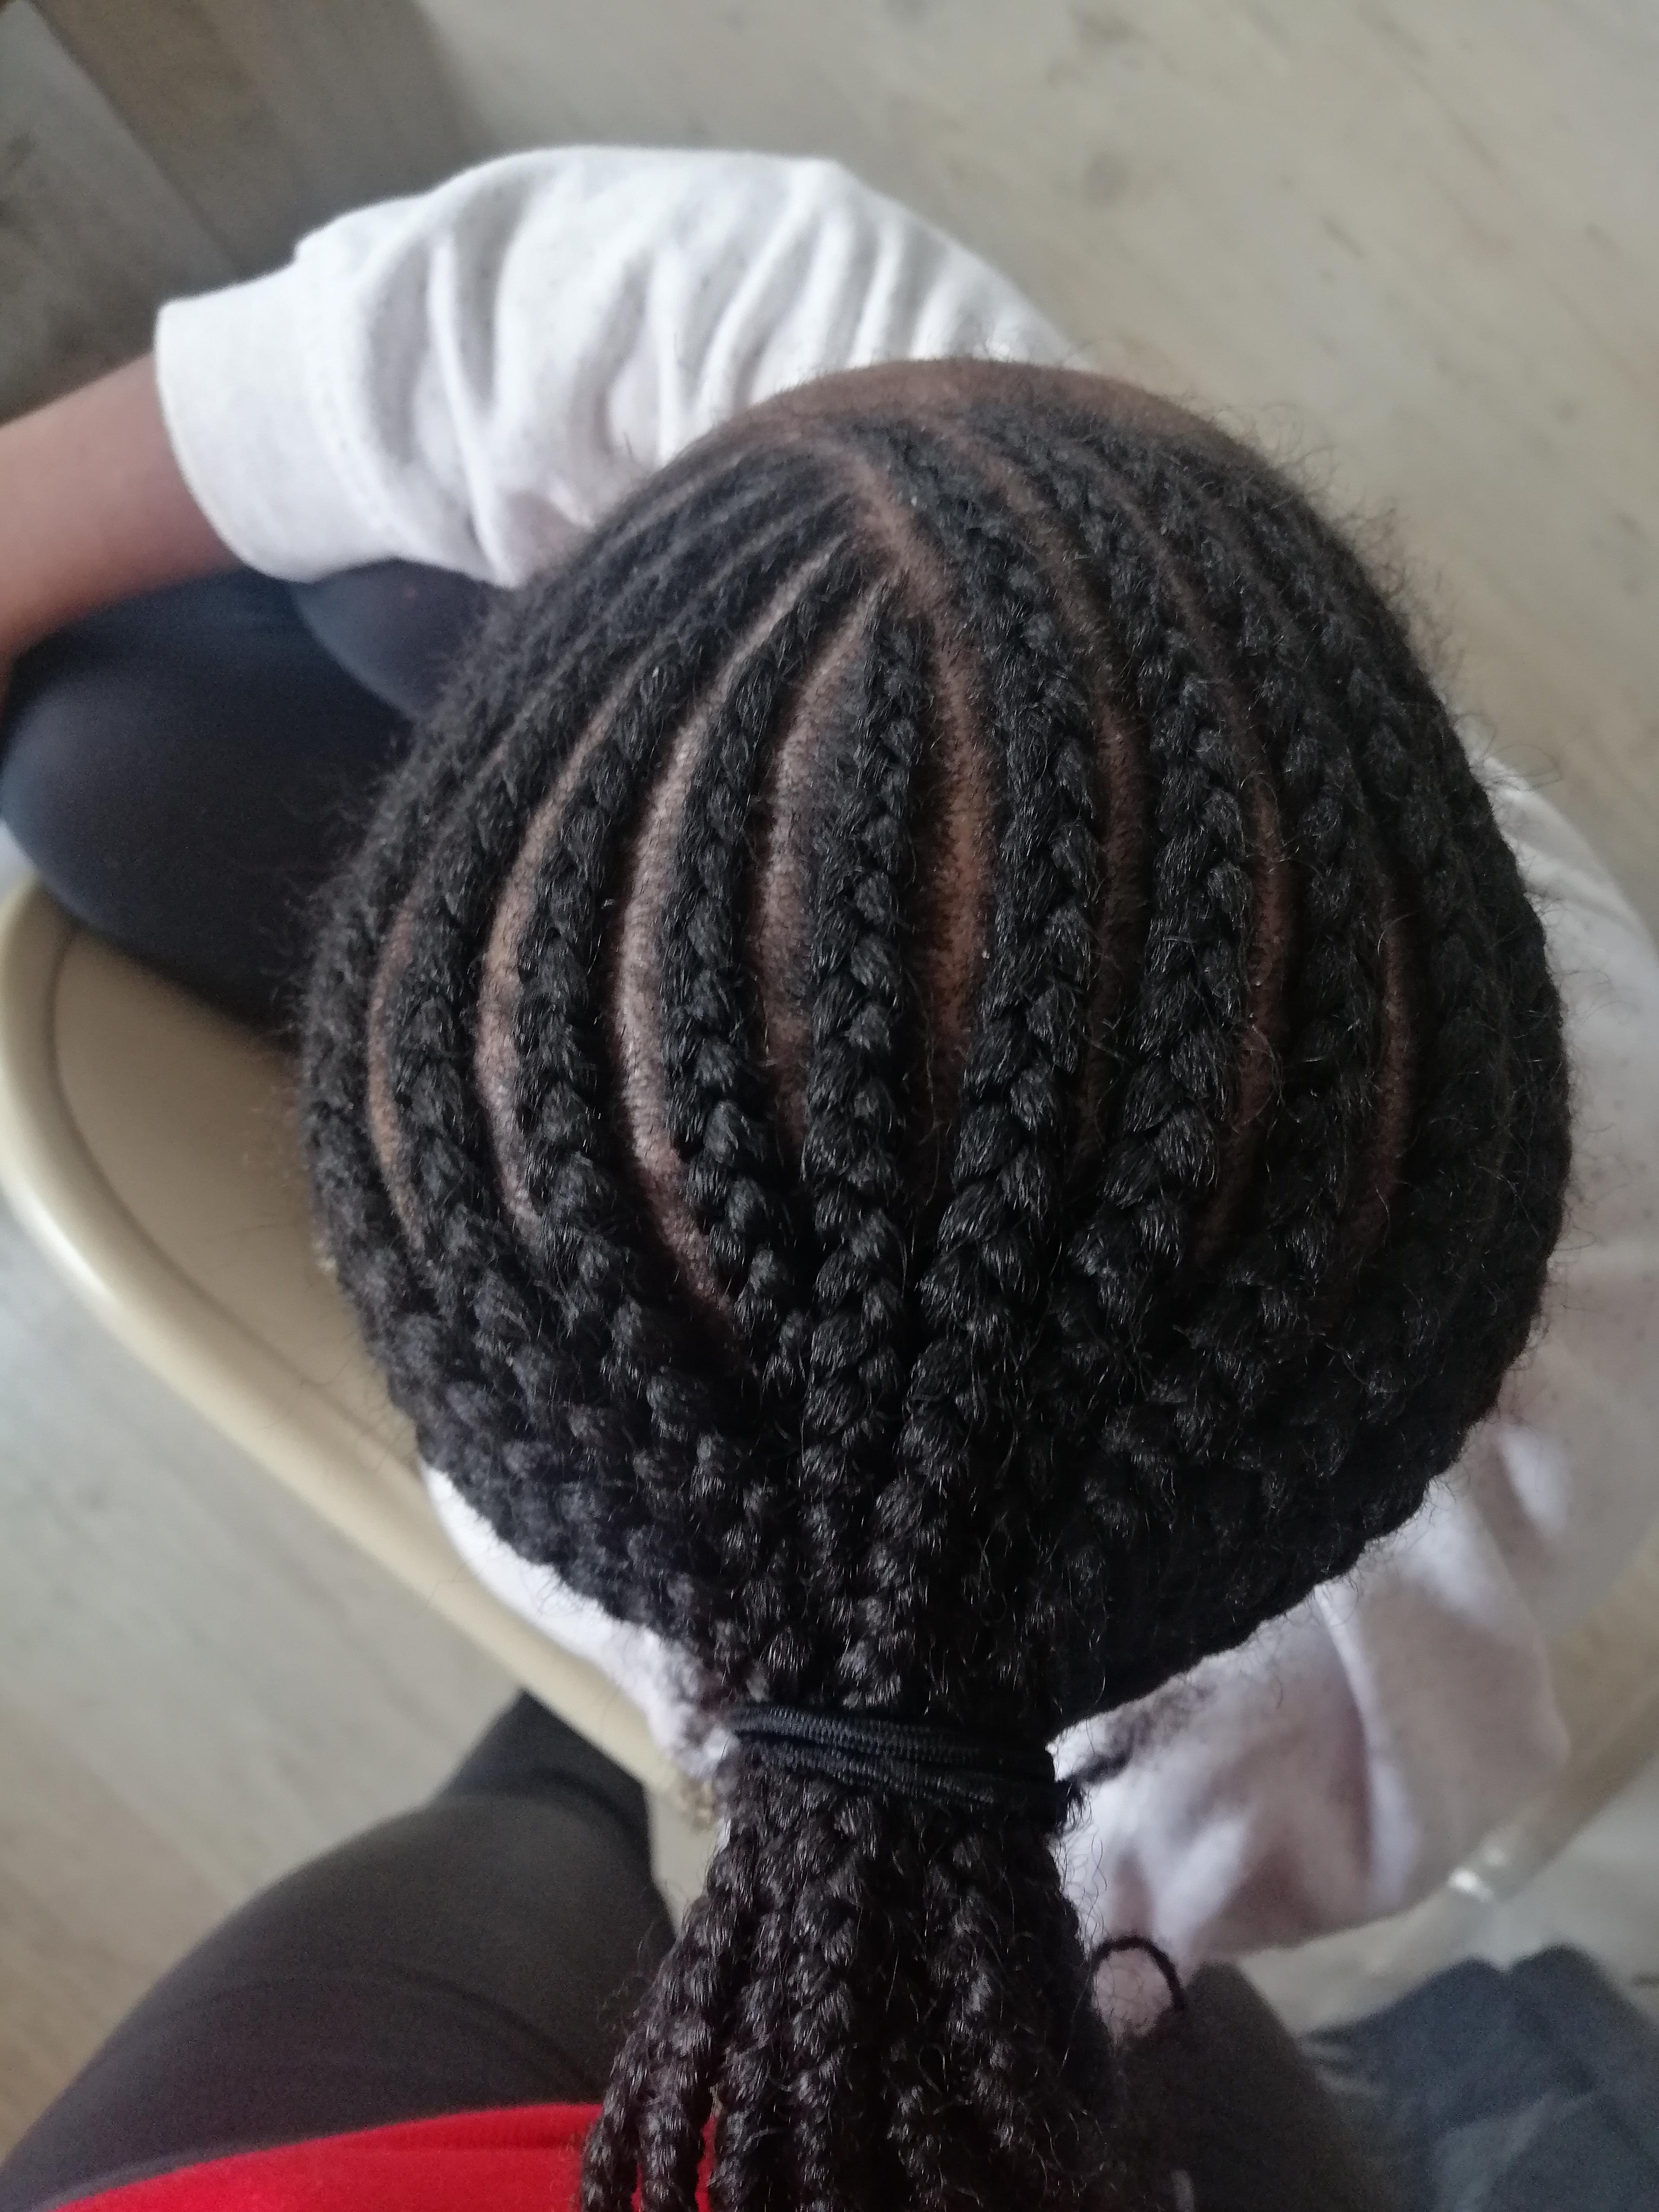 salon de coiffure afro tresse tresses box braids crochet braids vanilles tissages paris 75 77 78 91 92 93 94 95 LZKNWIQC